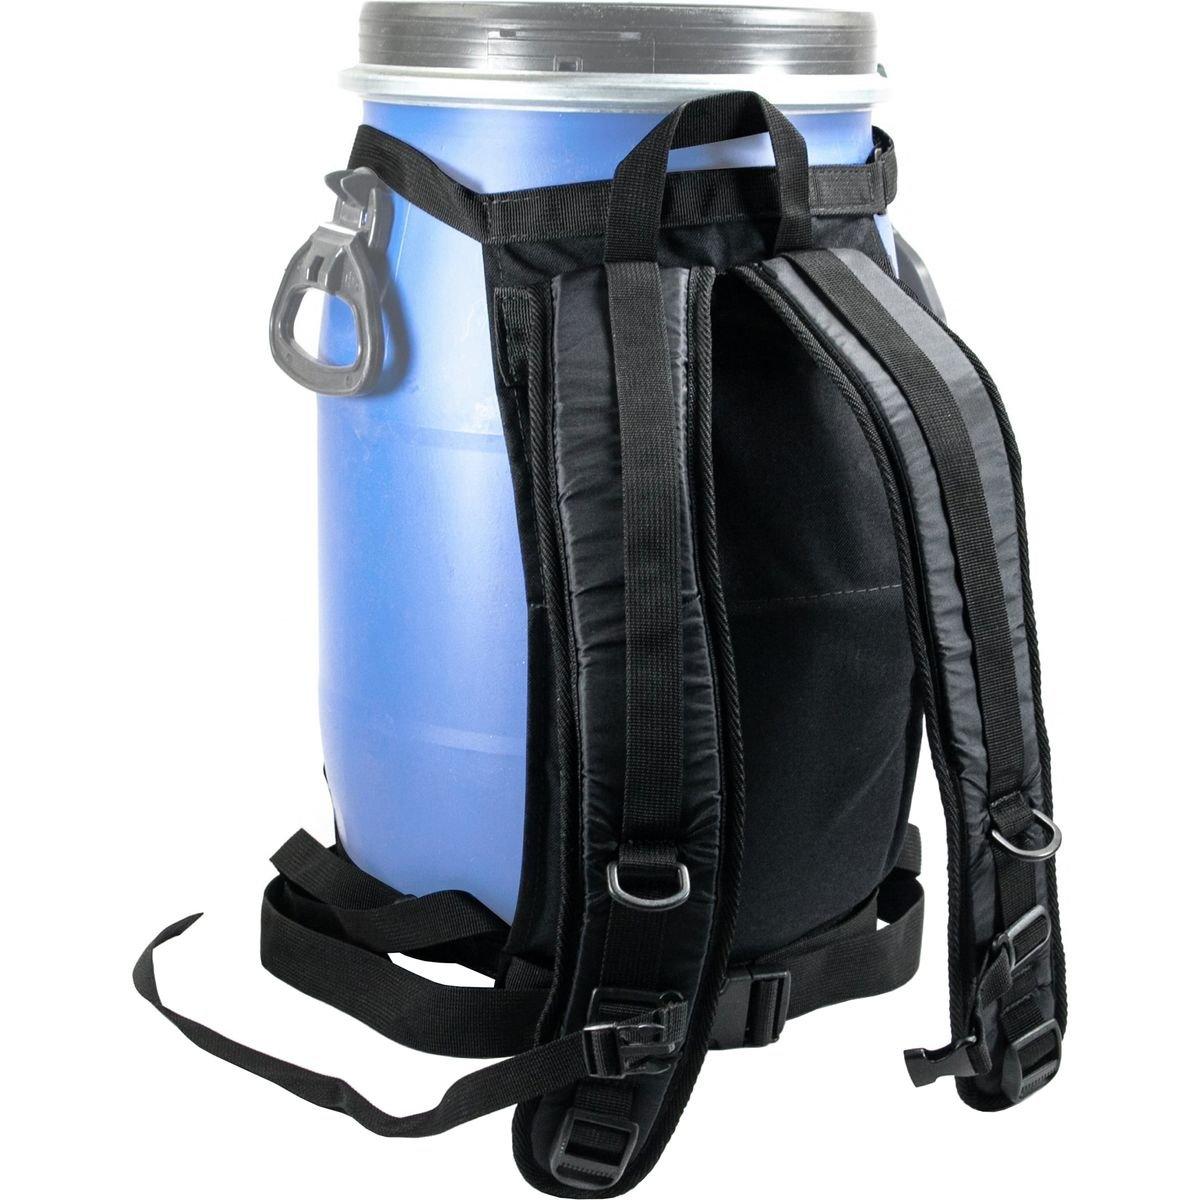 Harmony Gear Dry Storage Barrel Harness 30 Liter by Harmony Gear